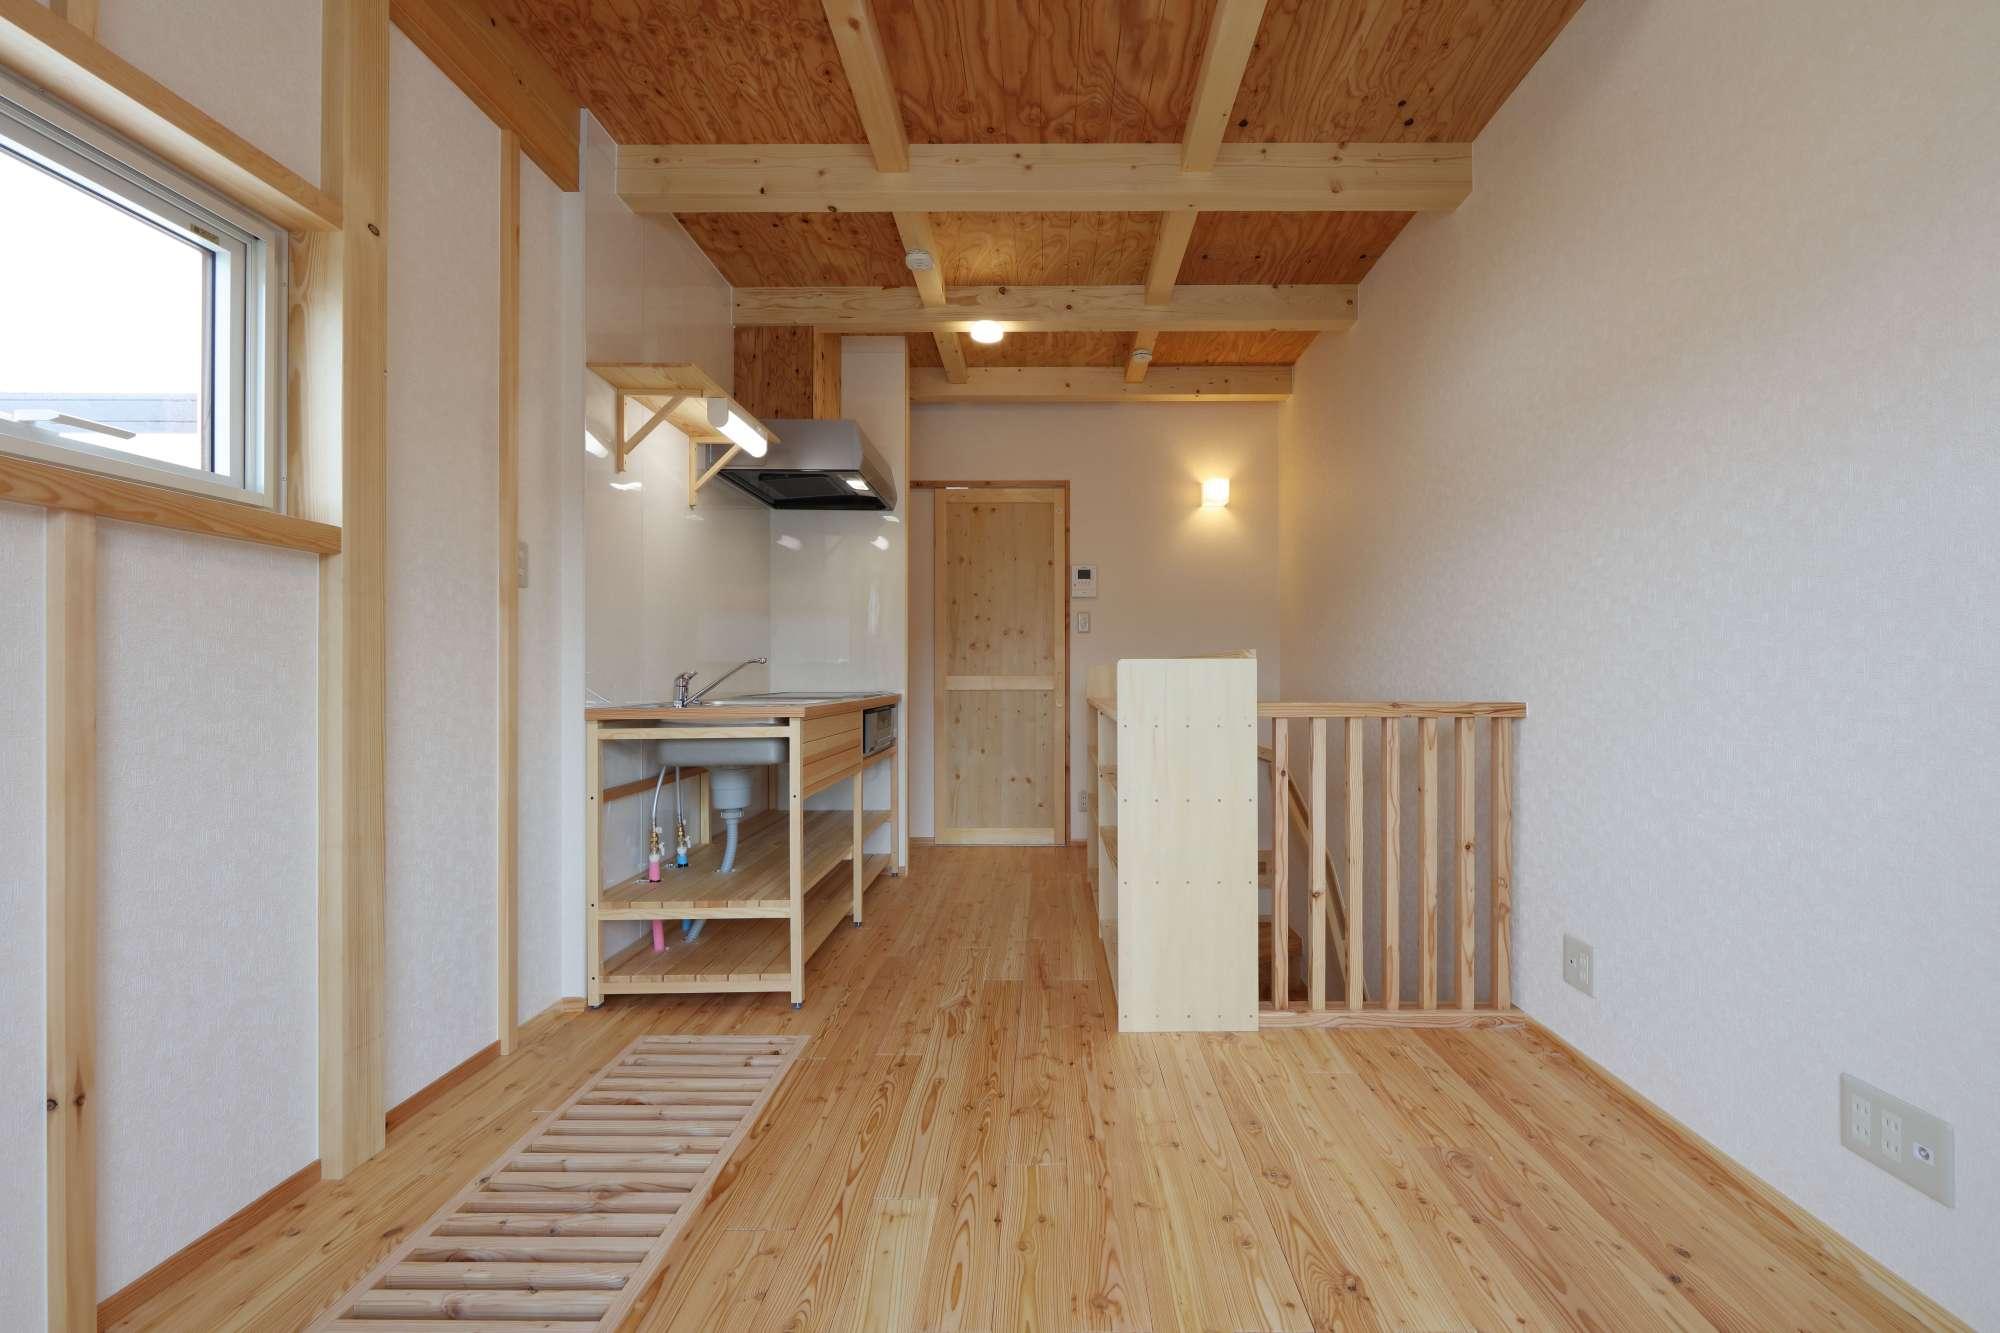 木の香りいっぱいの自分空間 - 2021年完成